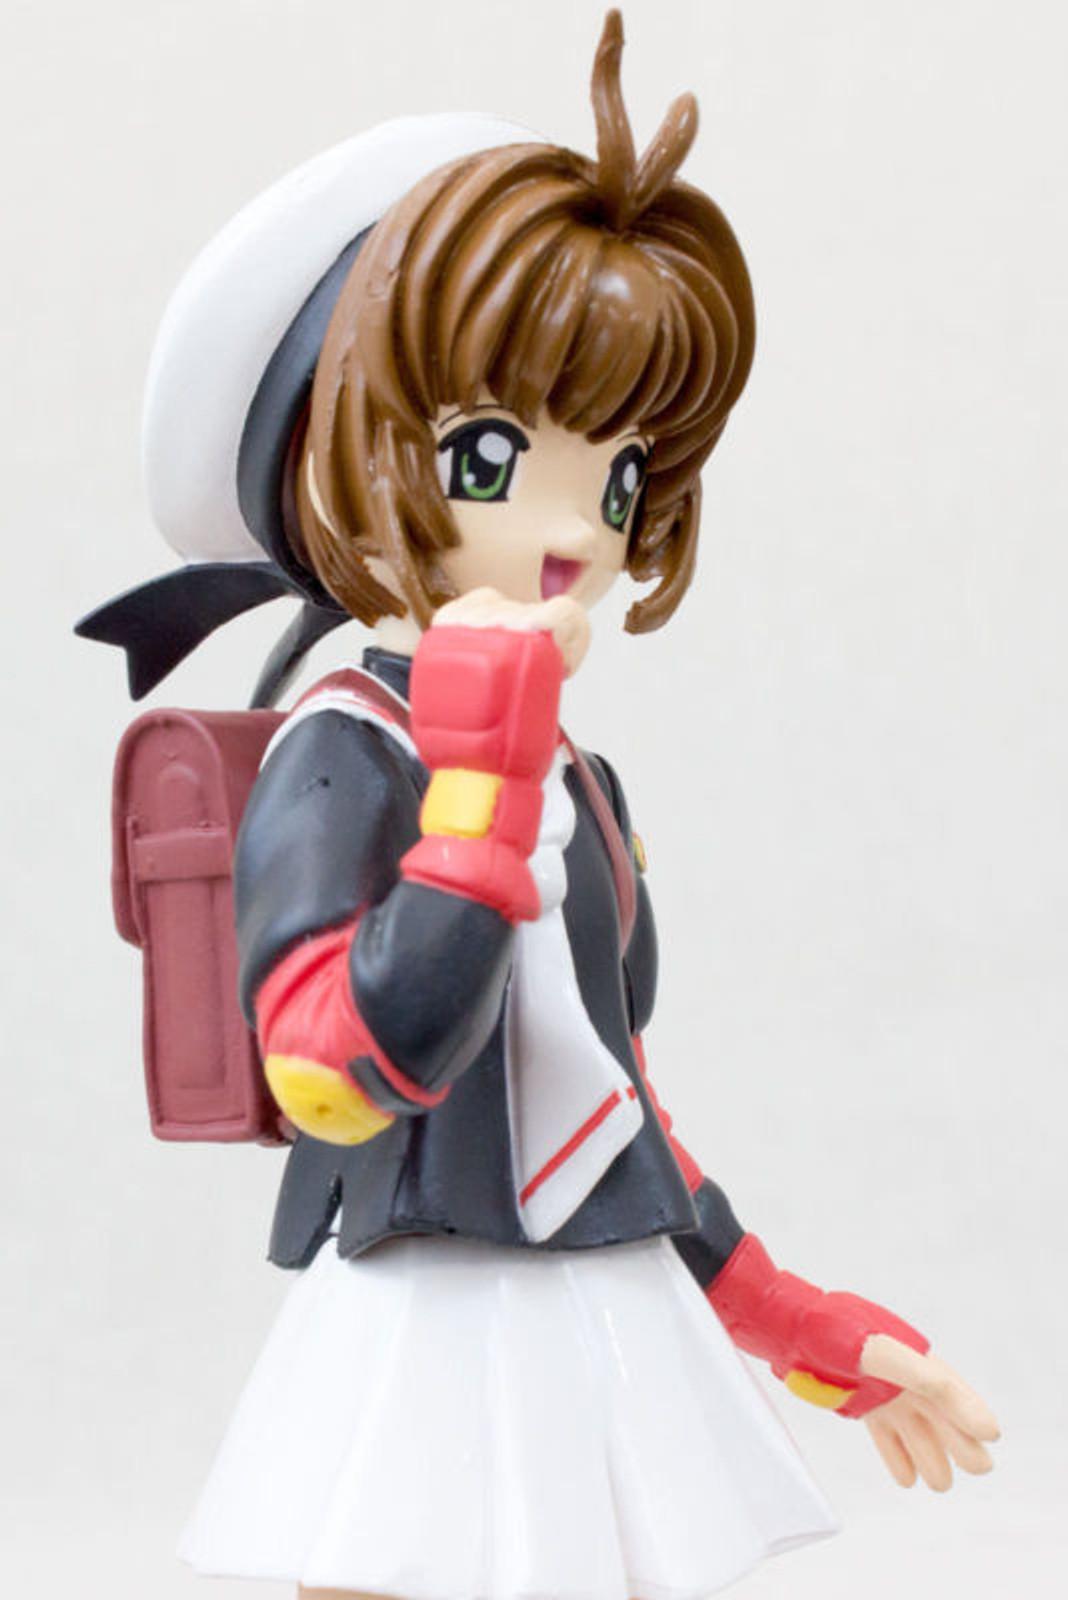 Cardcaptor Sakura Cute Memory Collection Figure School Uniform CLAMP JAPAN ANIME